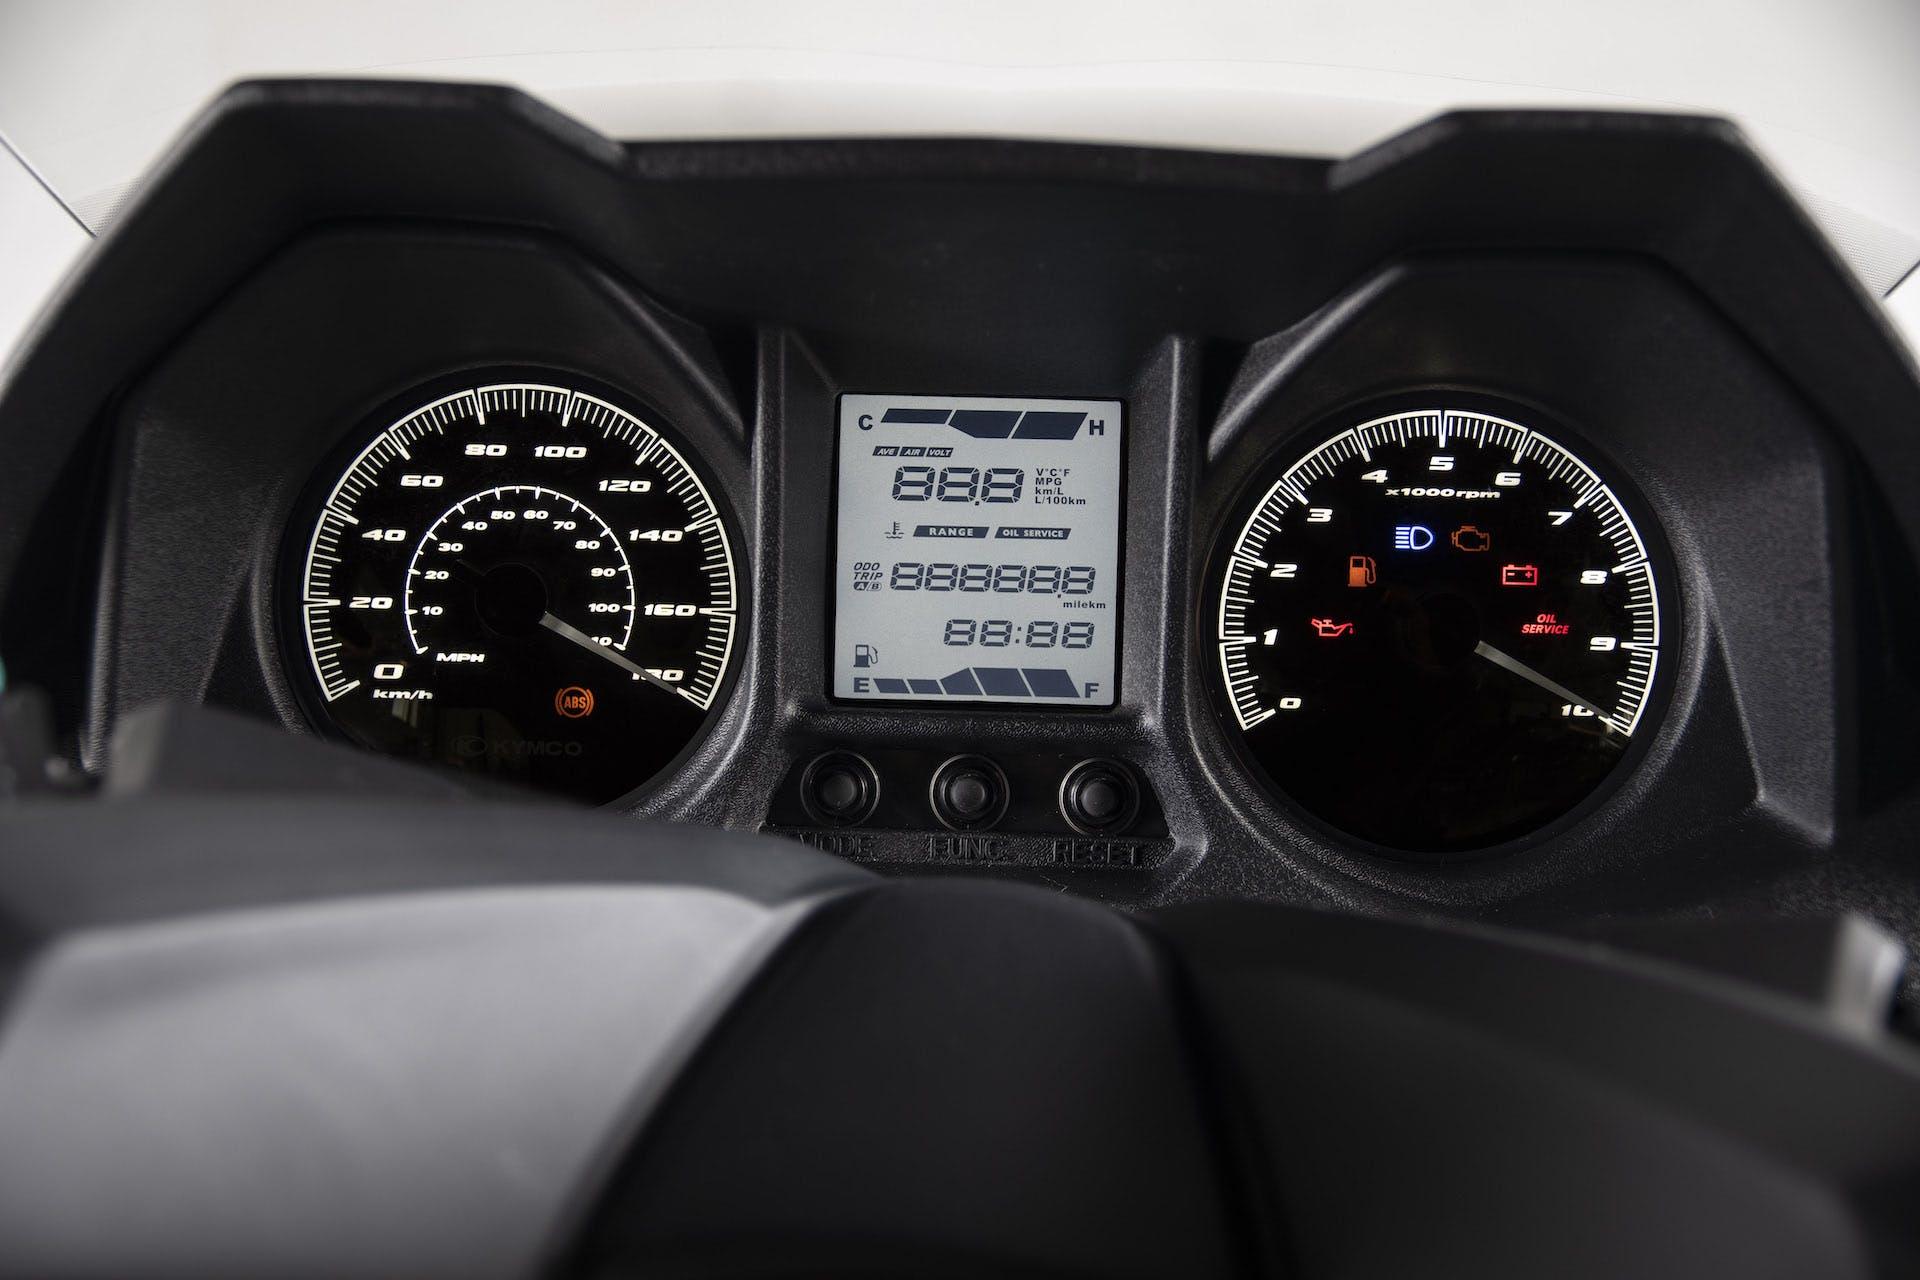 Dettaglio ravvicinato del cruscotto digitale del nuovo Kymco X-Town 300i ABS, ora Euro 5